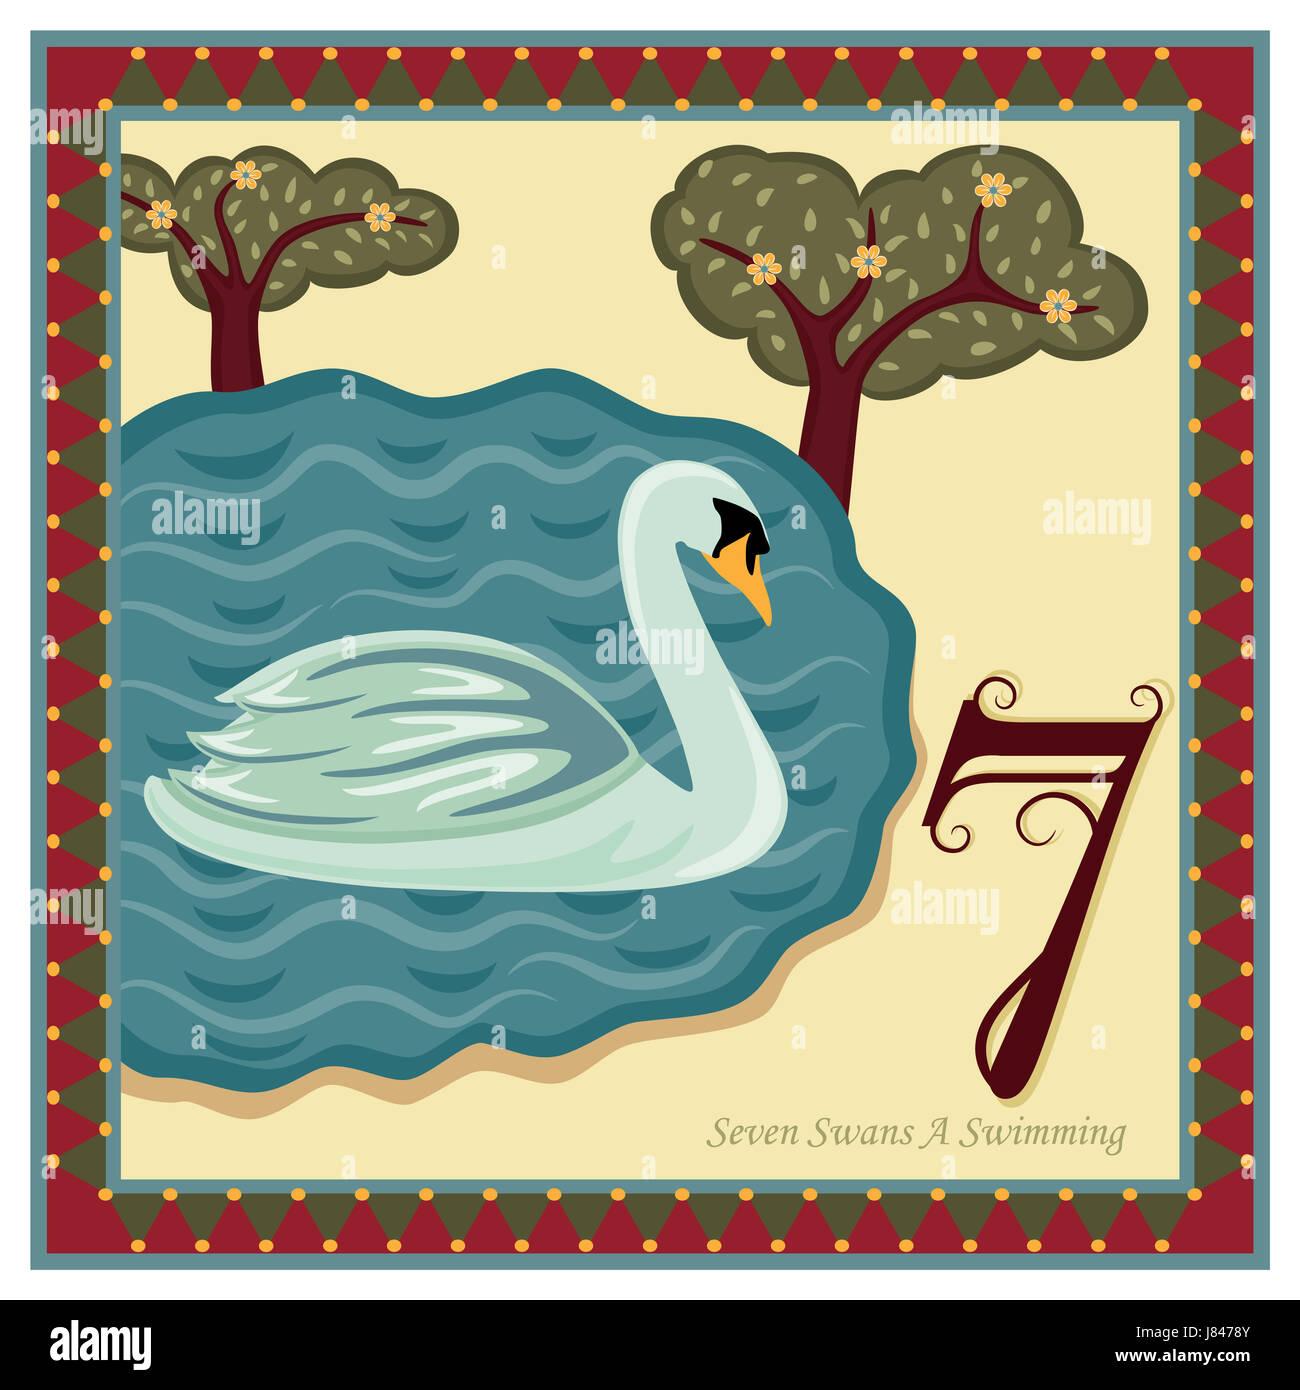 Religious Card Christmas Spiritual Twelve Stockfotos & Religious ...